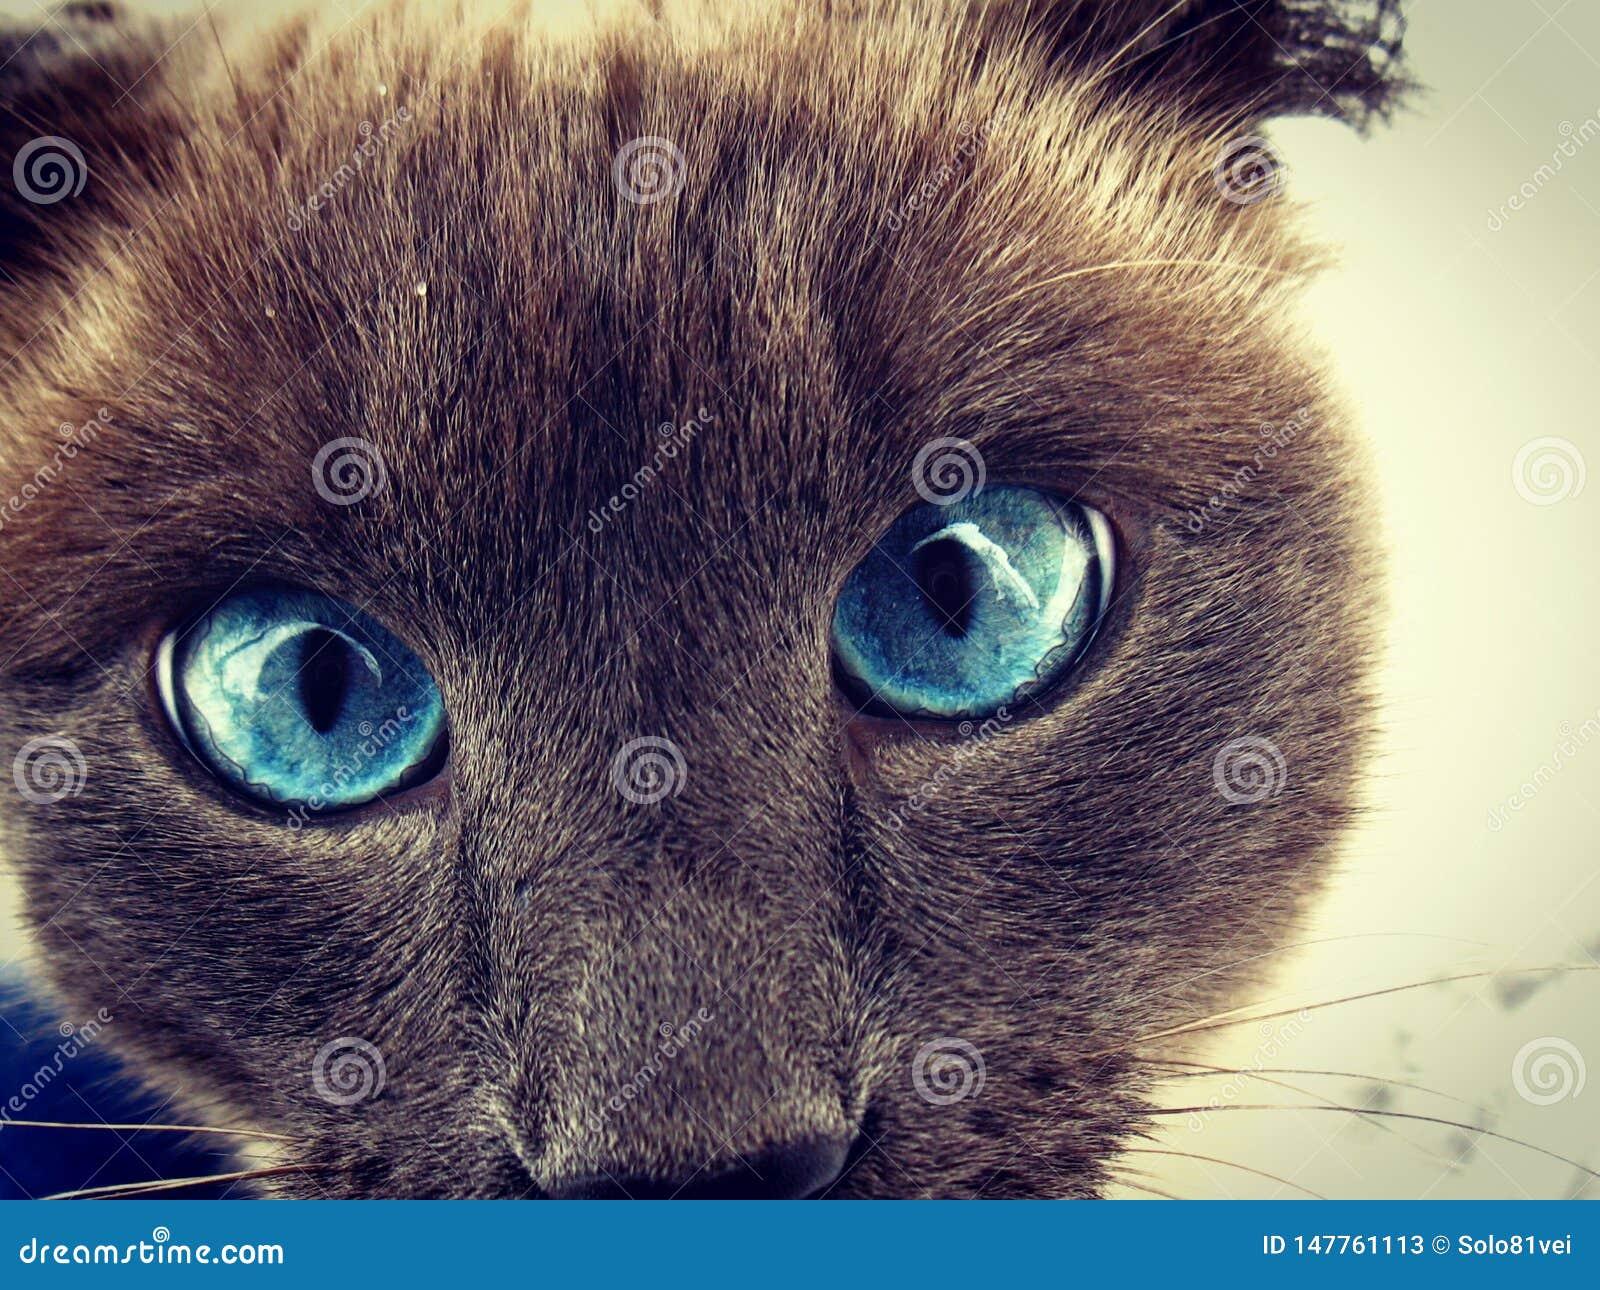 Gato siamese curioso